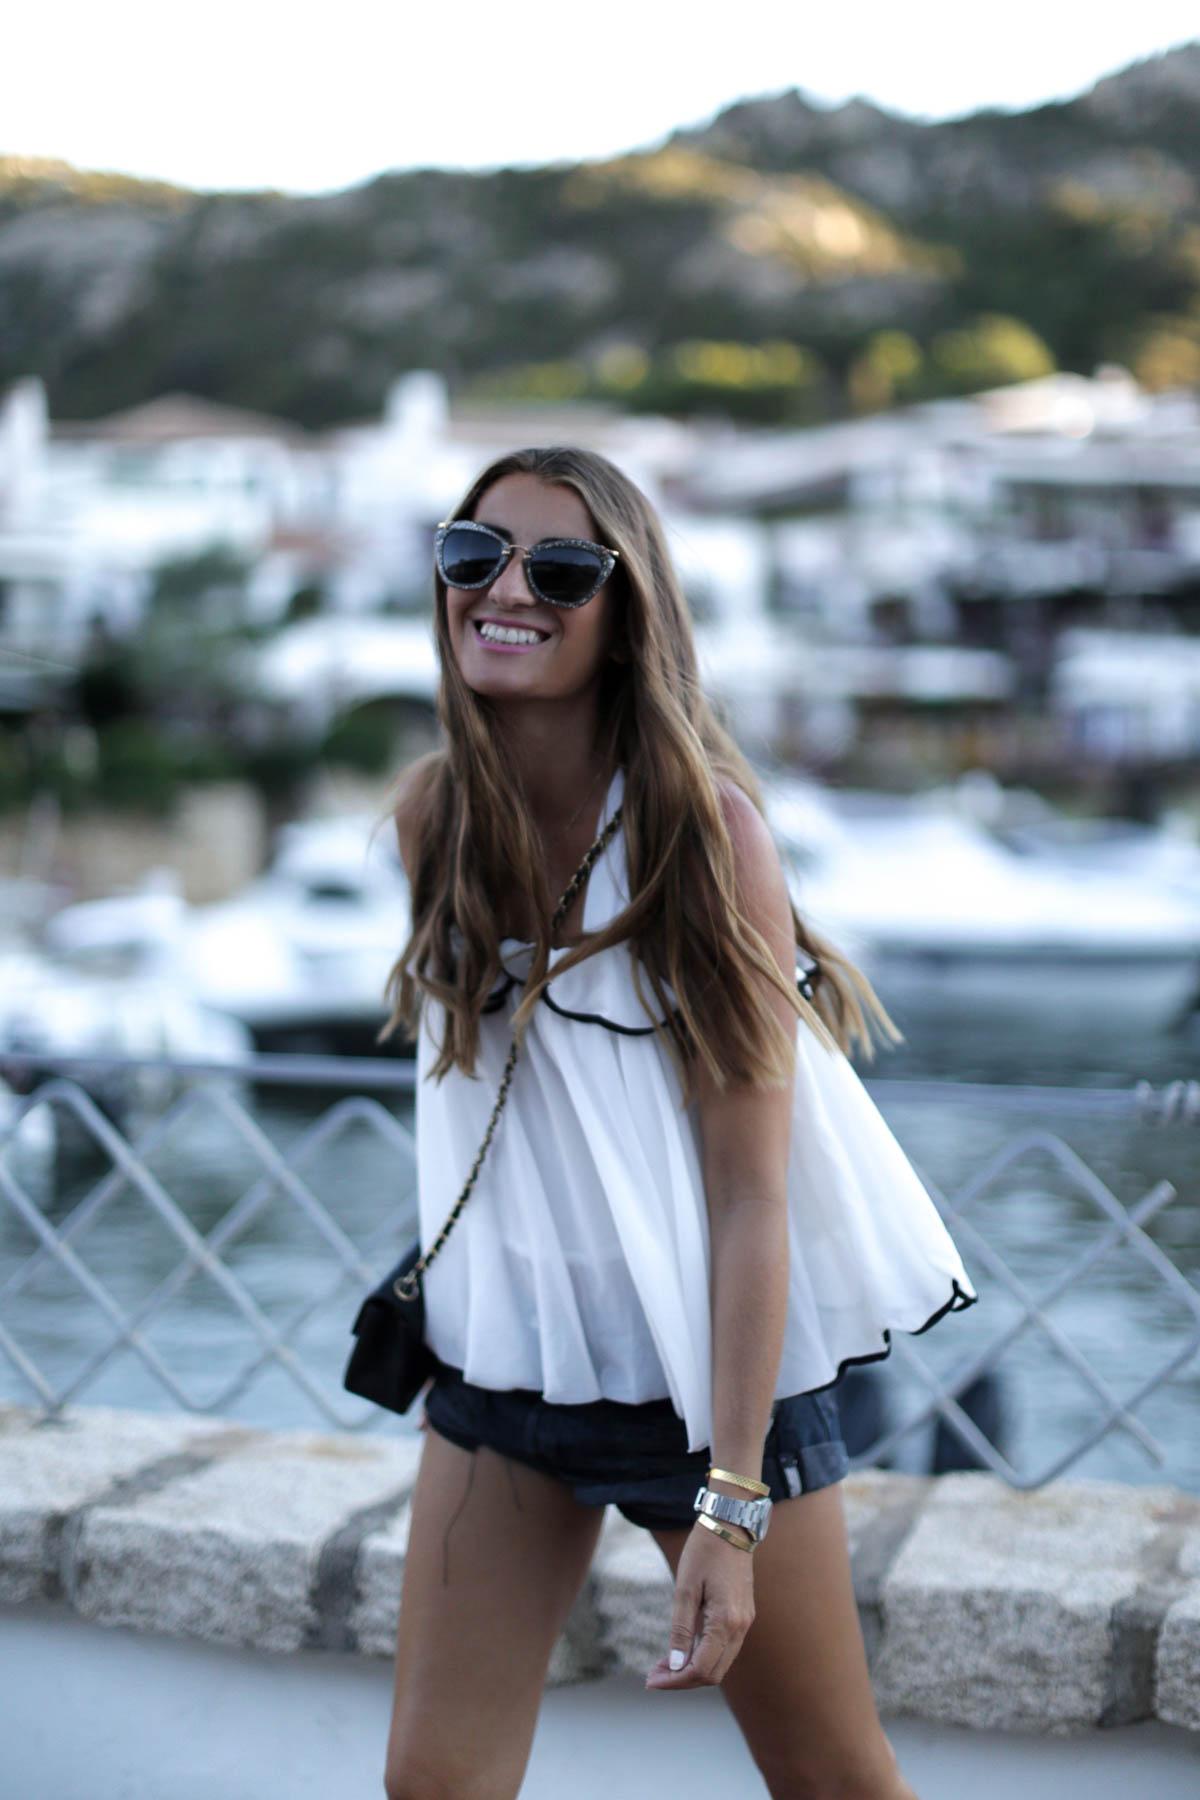 bartabac blob moda fashion chanel aquazzura sandals oneteaspoon bag bolso-14